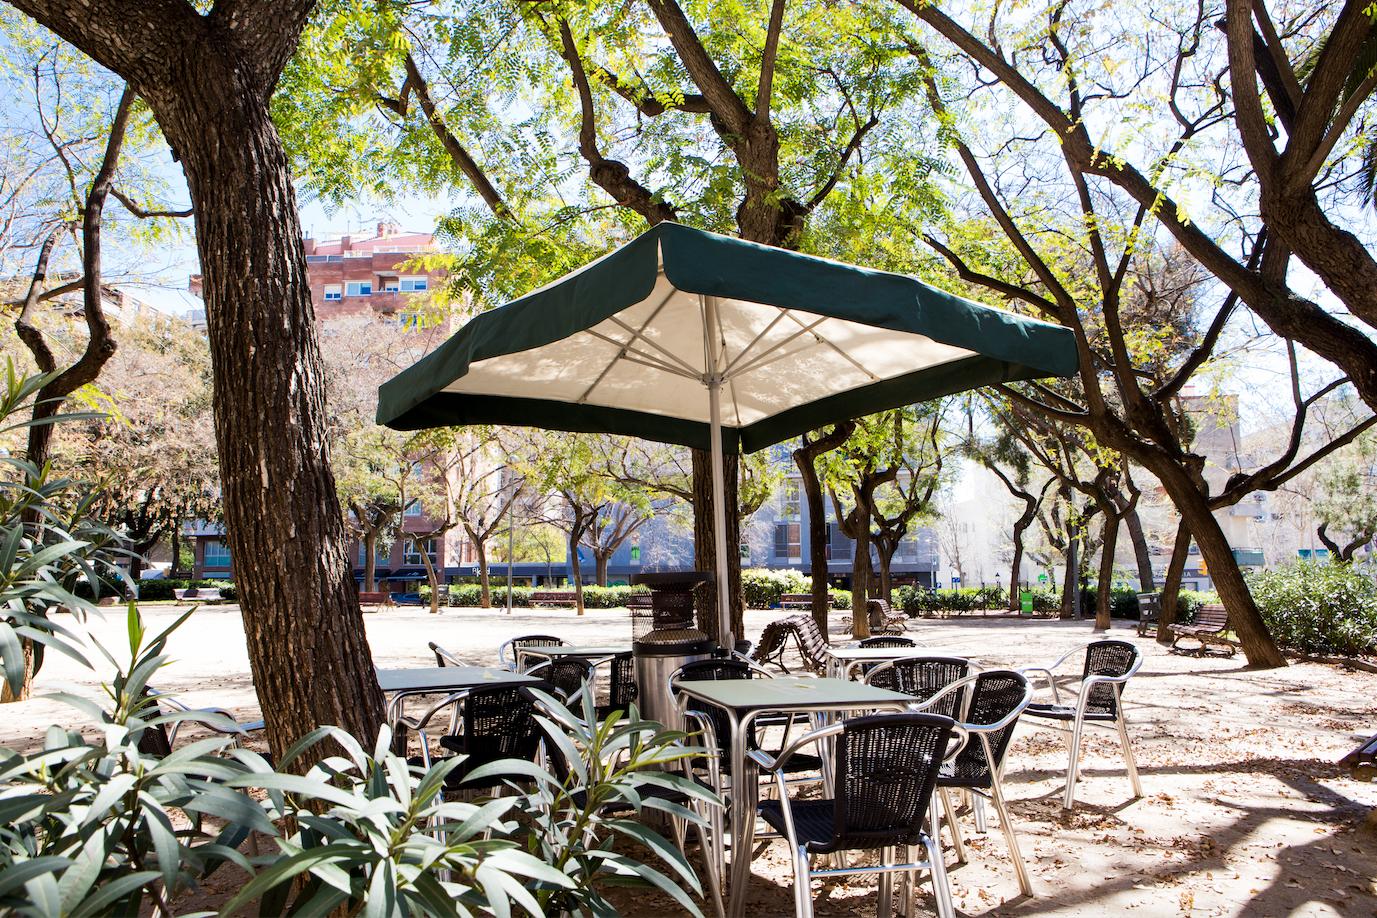 Los Mejores Bares Y Restaurantes Con Espacios Al Aire Libre Mesas Para Comer Y Tomar Algo En Jardines Patios Y Calles Bares Y Pubs Terraza Jardin Aire Libre